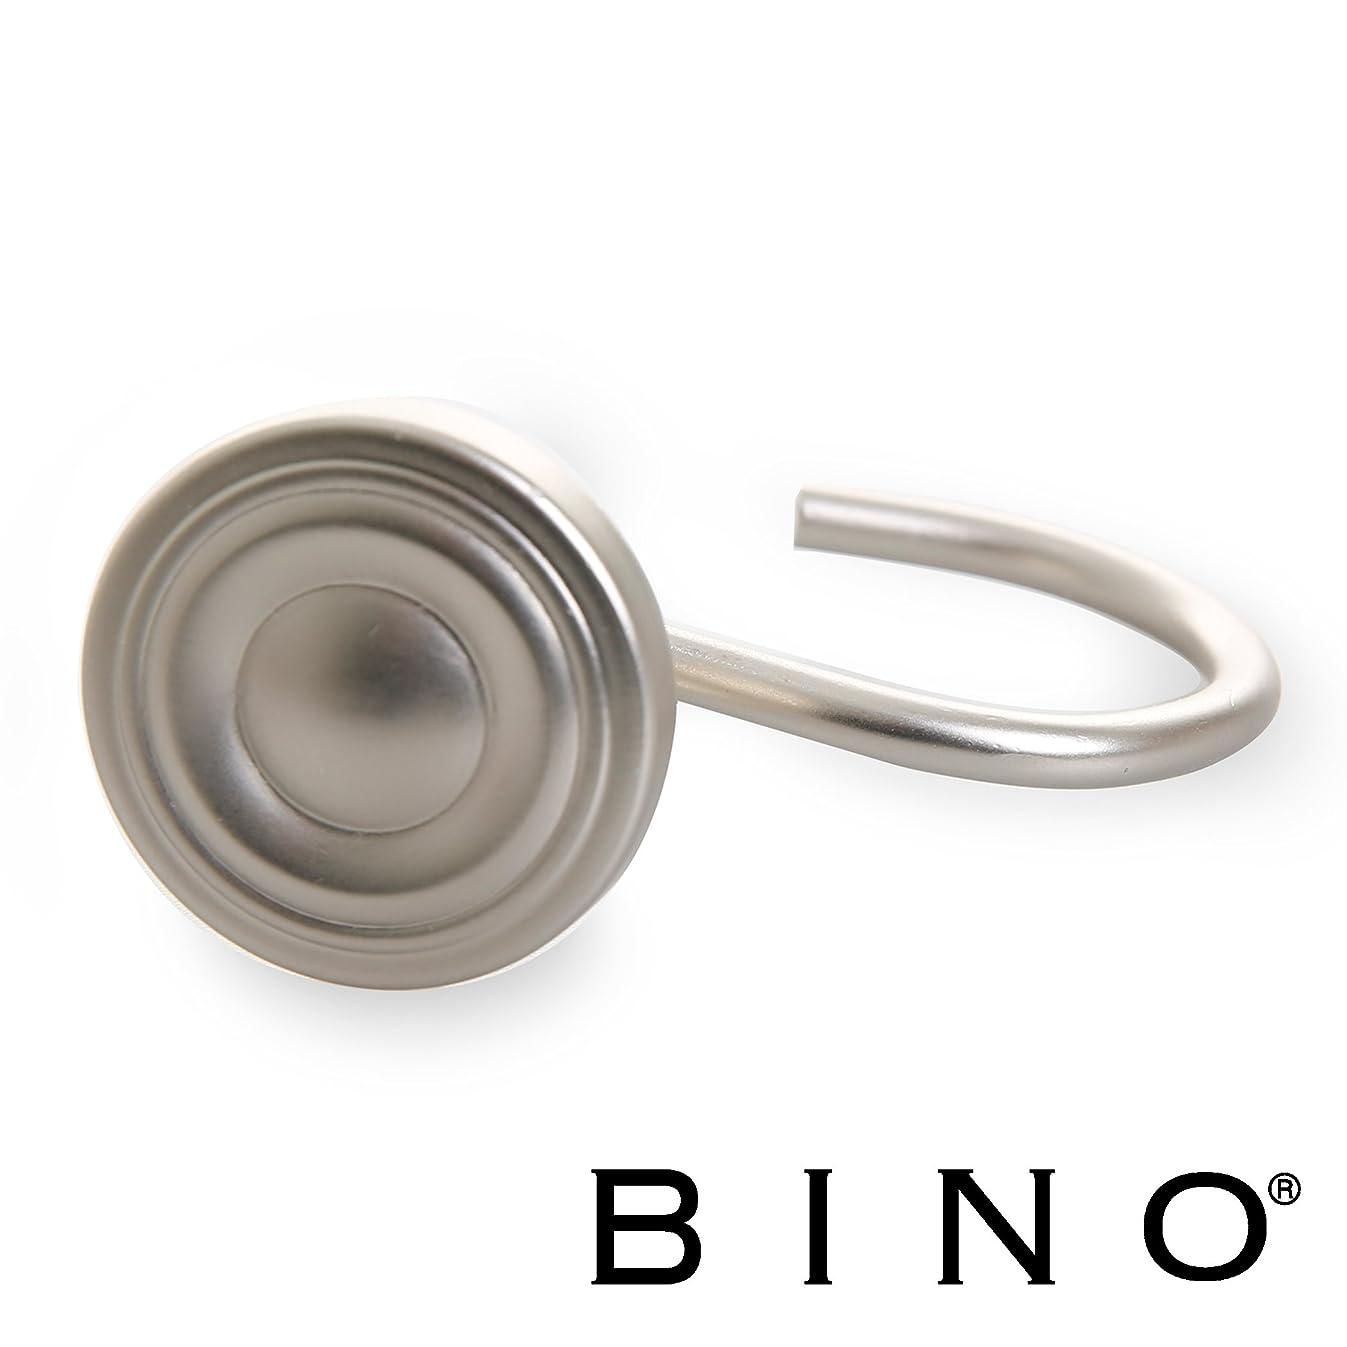 BINO Shower Curtain Hooks - Brushed Nickel, Set of 12 Shower Curtain Rings - Shower Hooks for Curtain Shower Rings